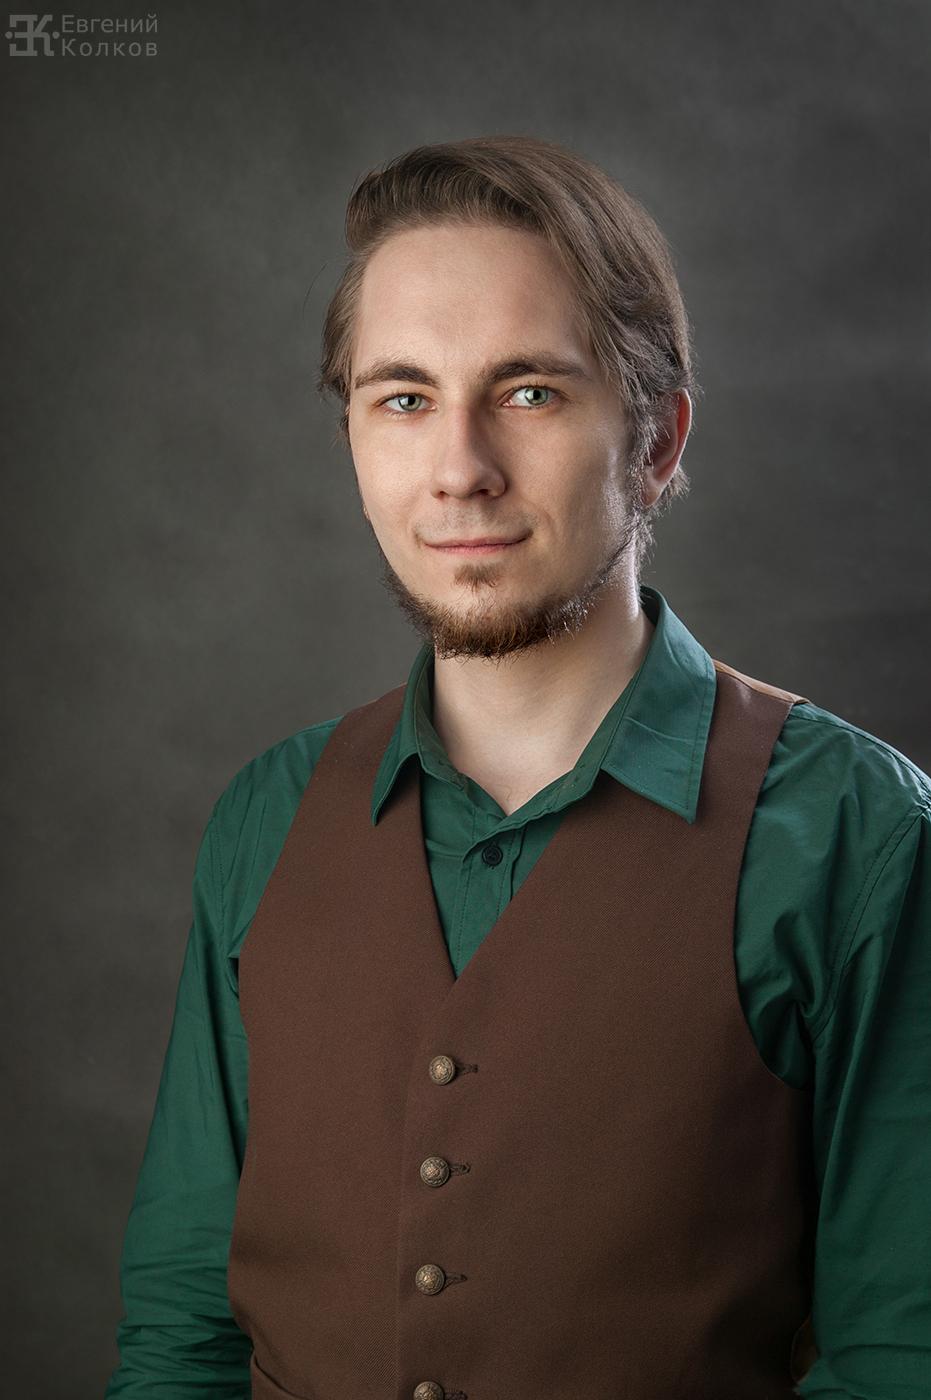 Портретная фотосъемка в студии. Фото: Евгений Колков